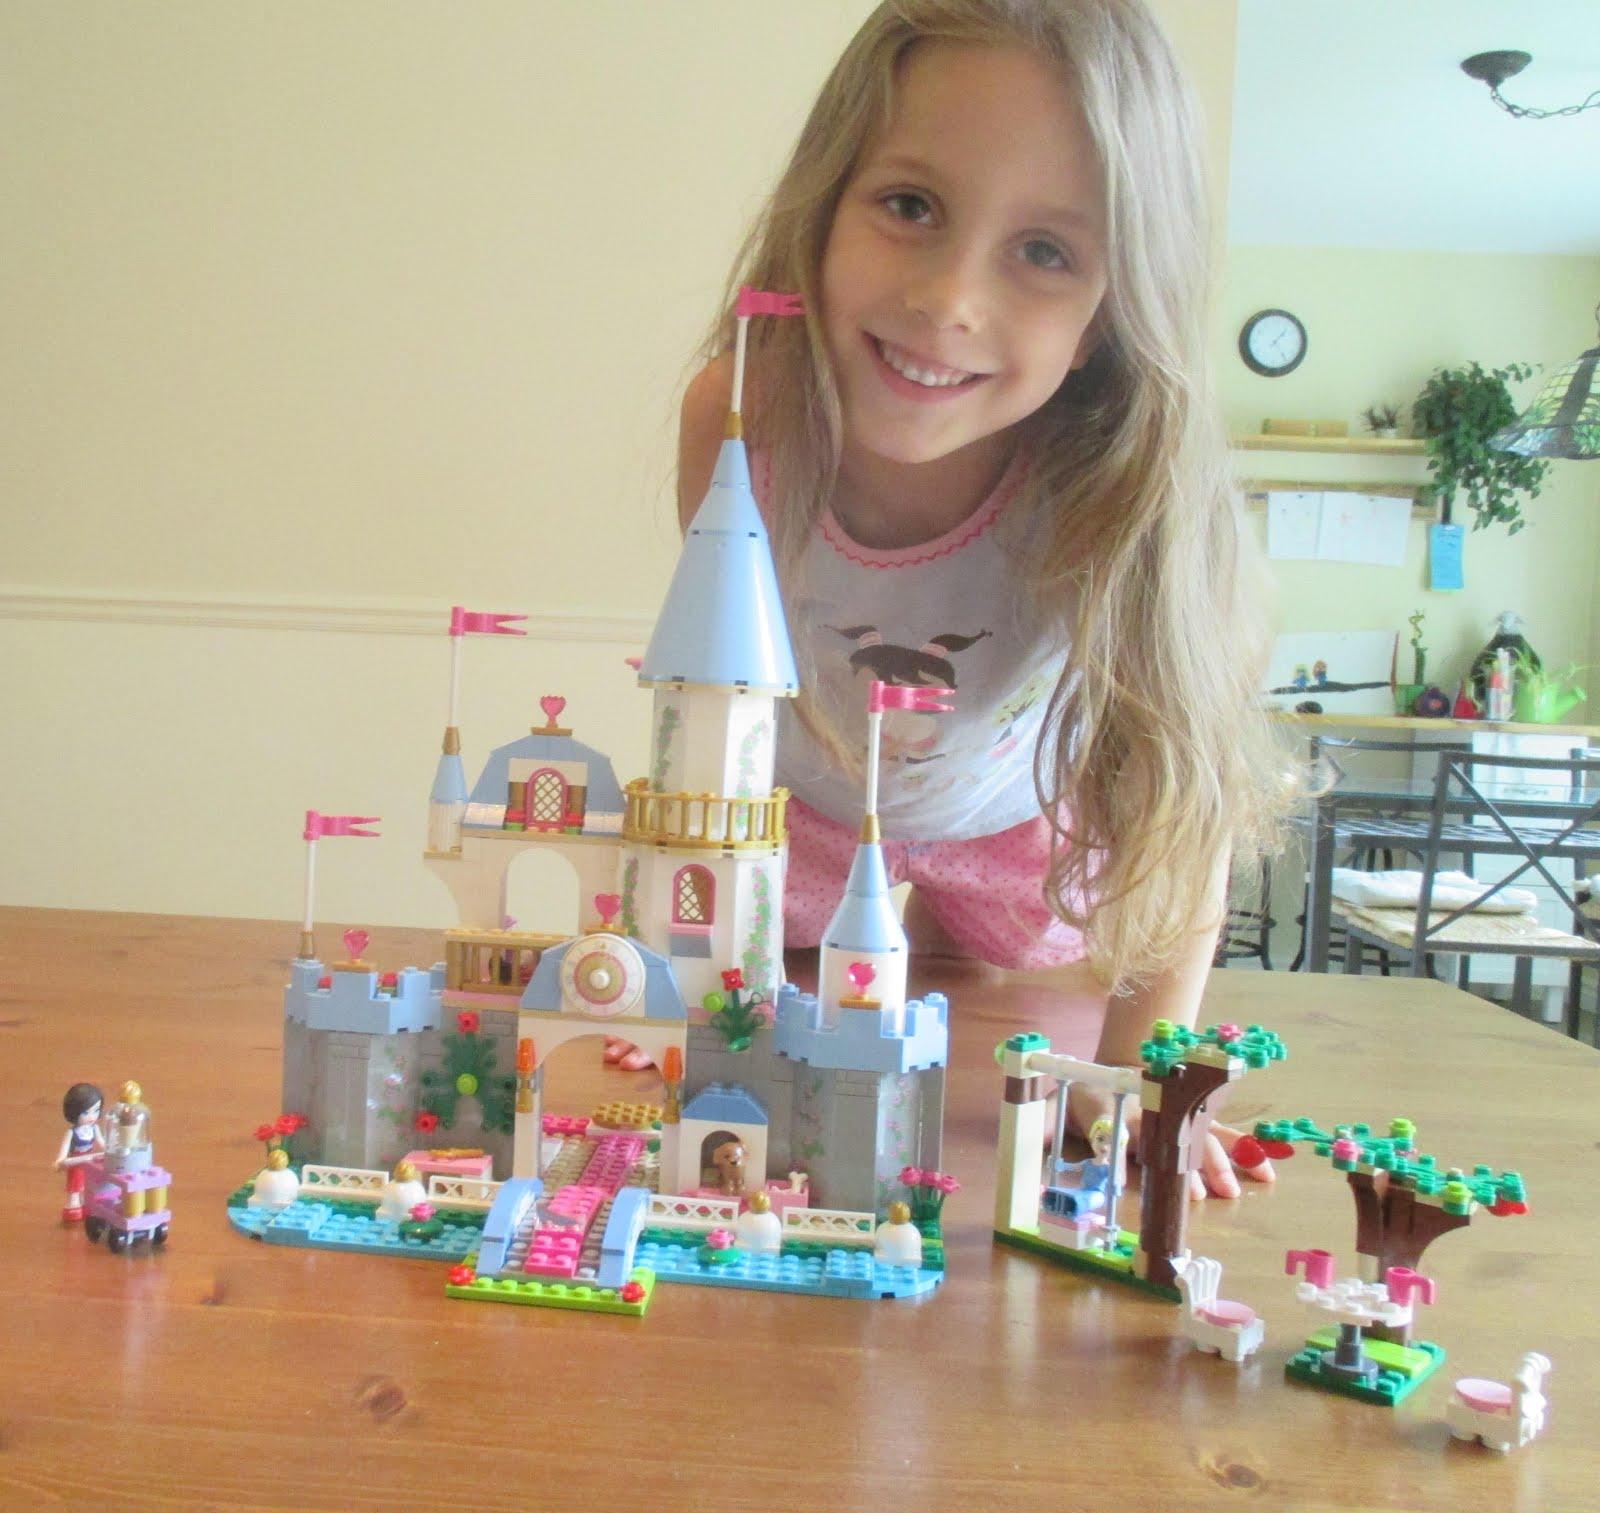 Une princesse heureuse de son château